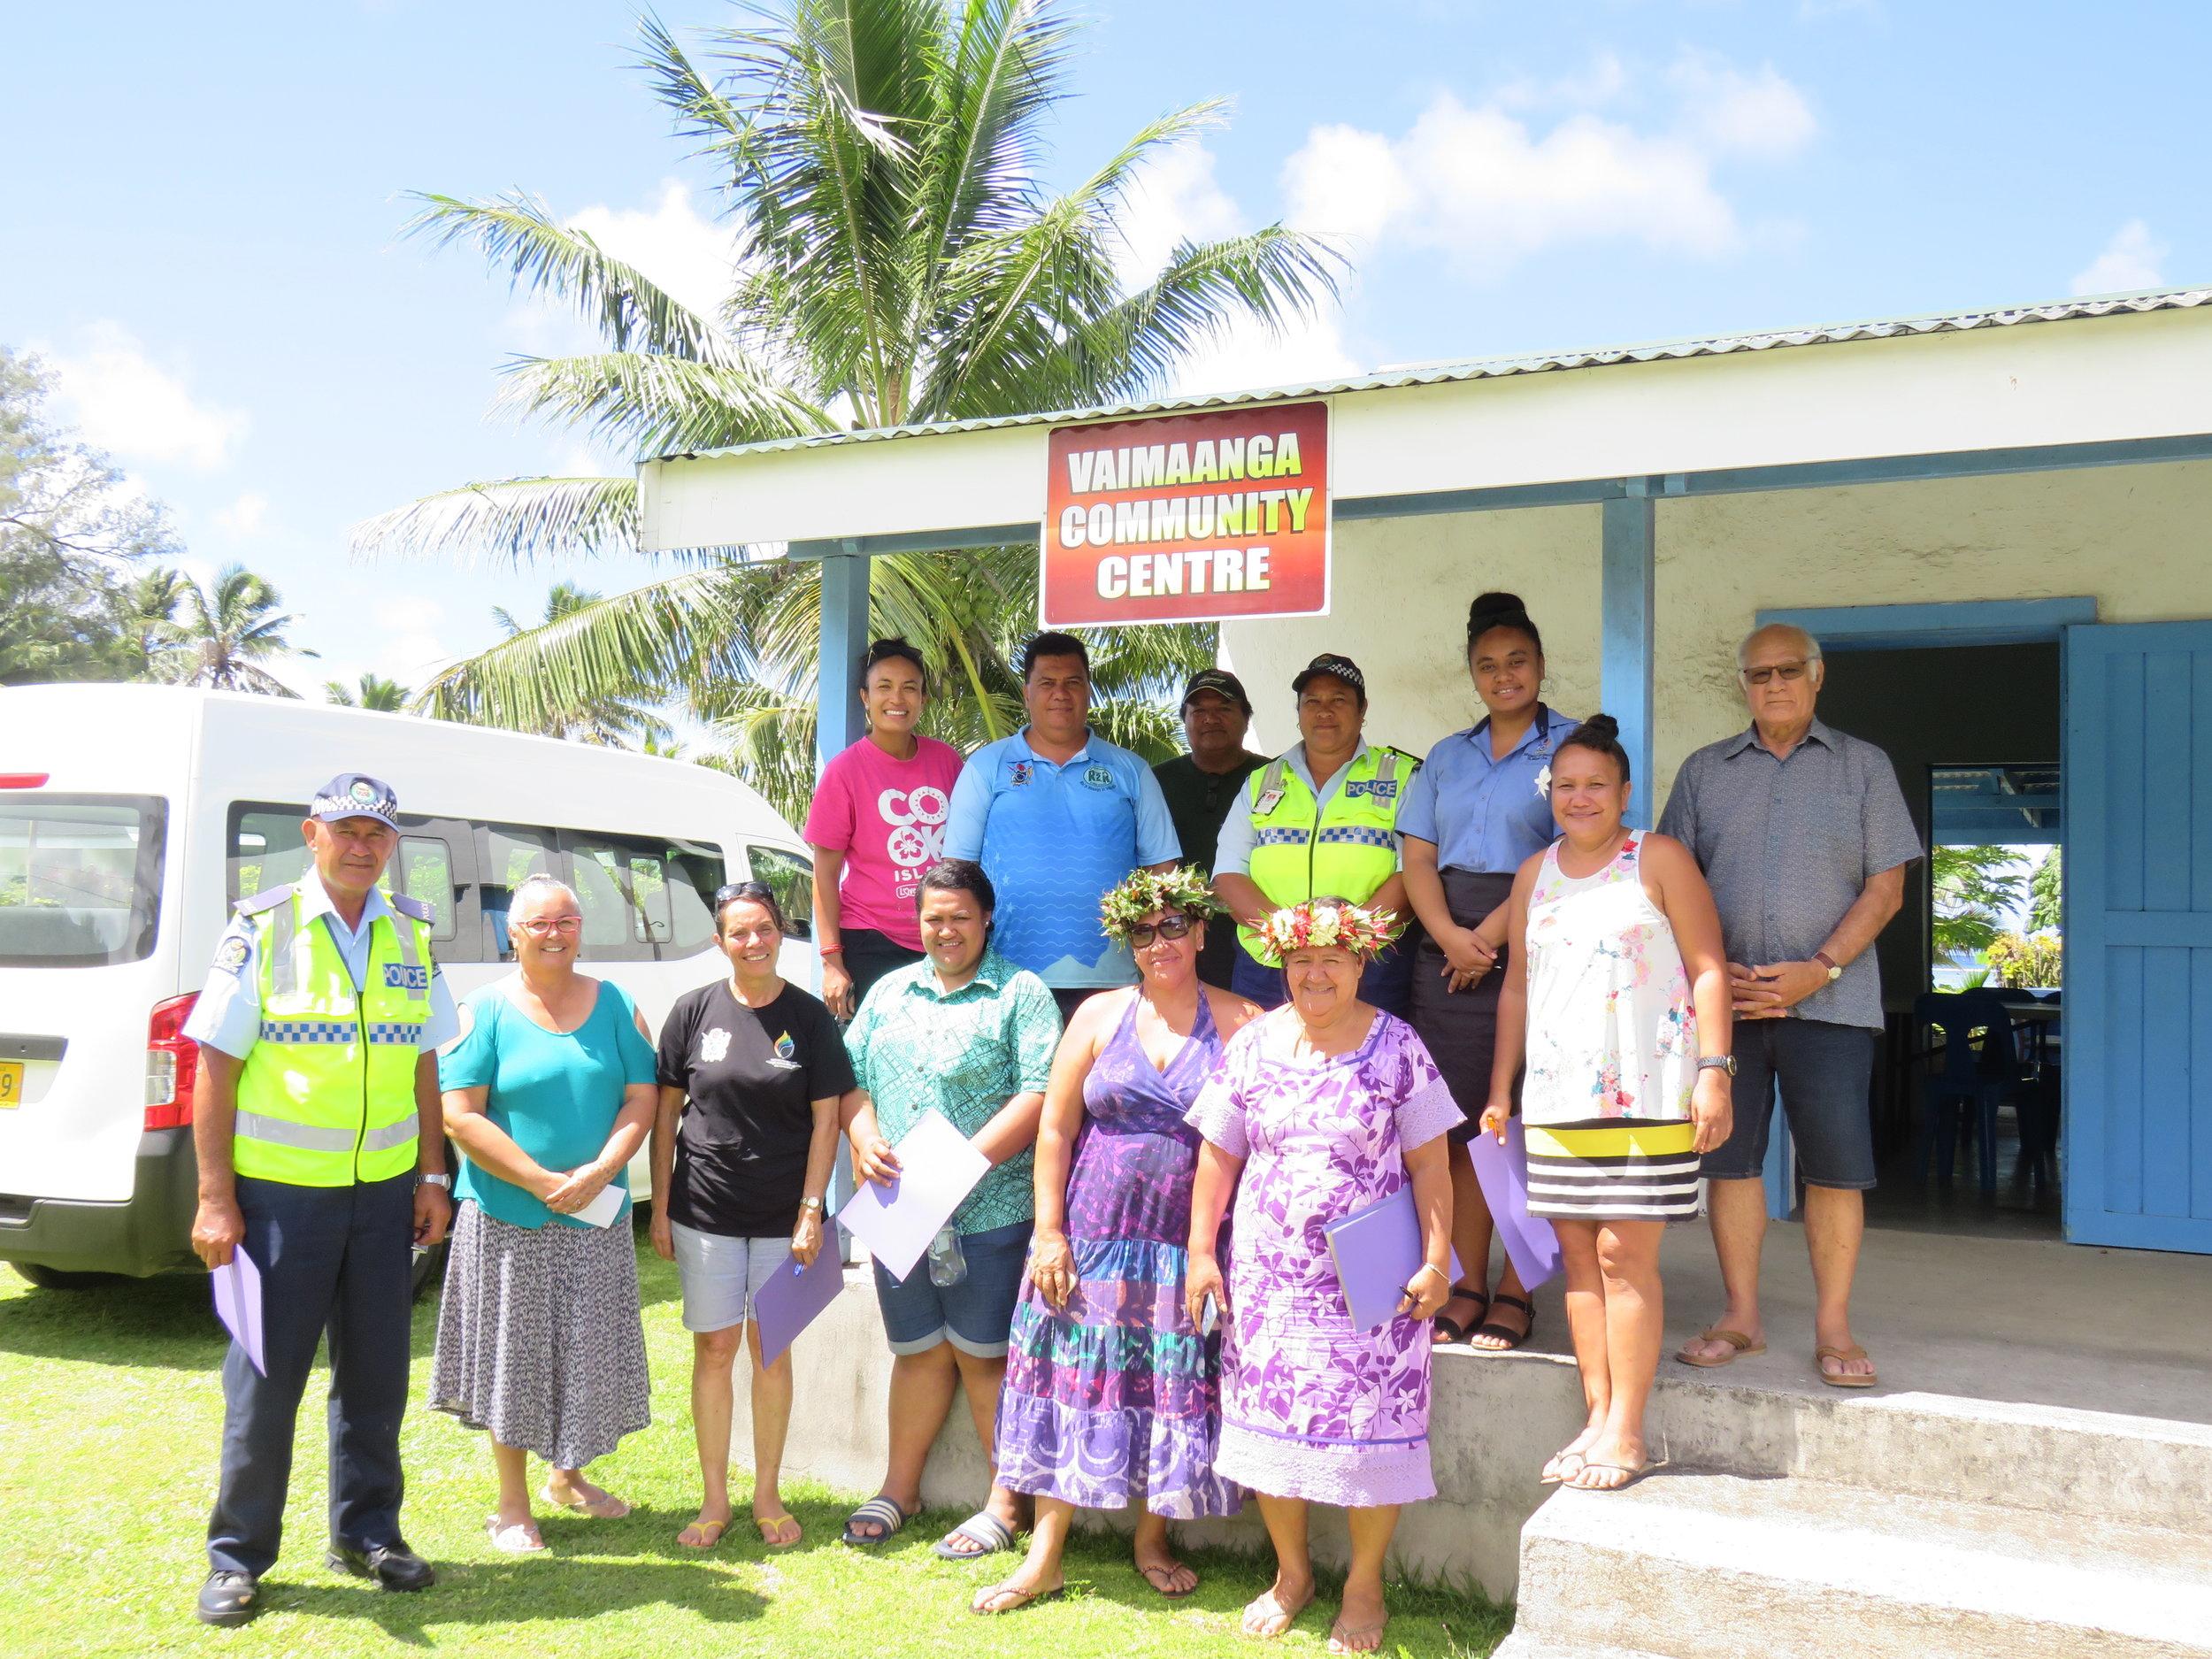 Vaka Pride committee visits the Vaimaanga Community Centre.JPG